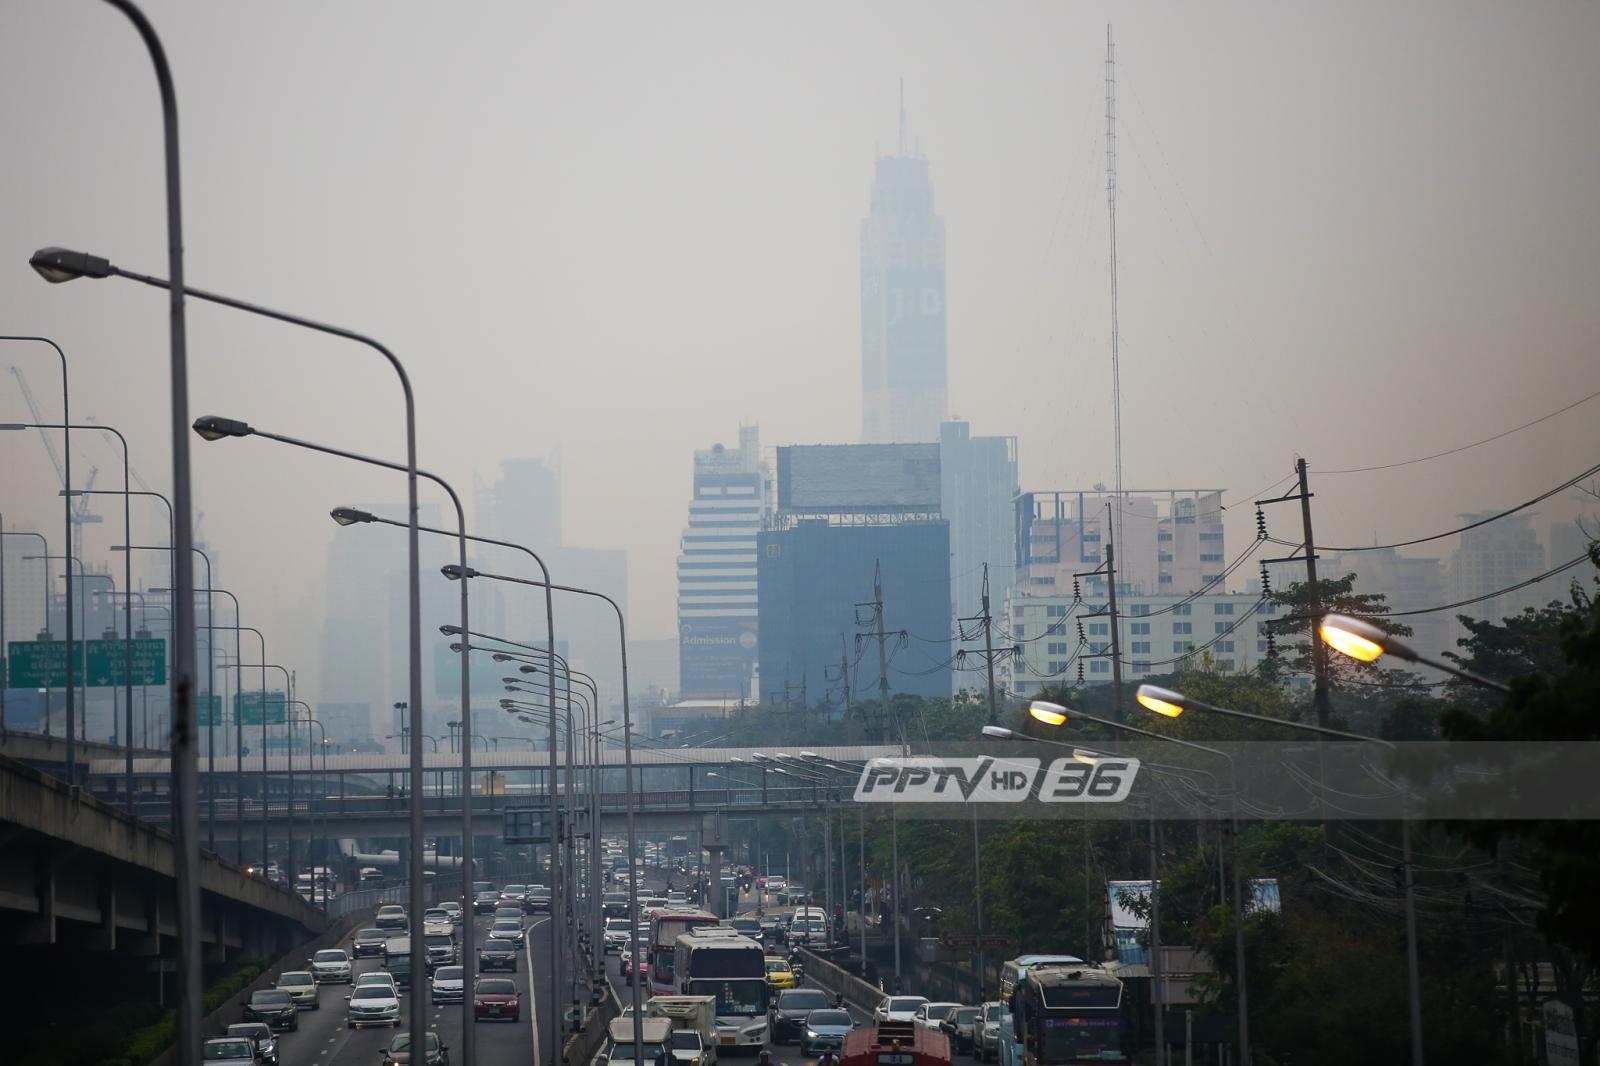 กรมควบคุมมลพิษแจง กรุงเทพฯเกิดสภาพอากาศนิ่ง ฝุ่นละออง PM 2.5 เกินค่ามาตรฐาน